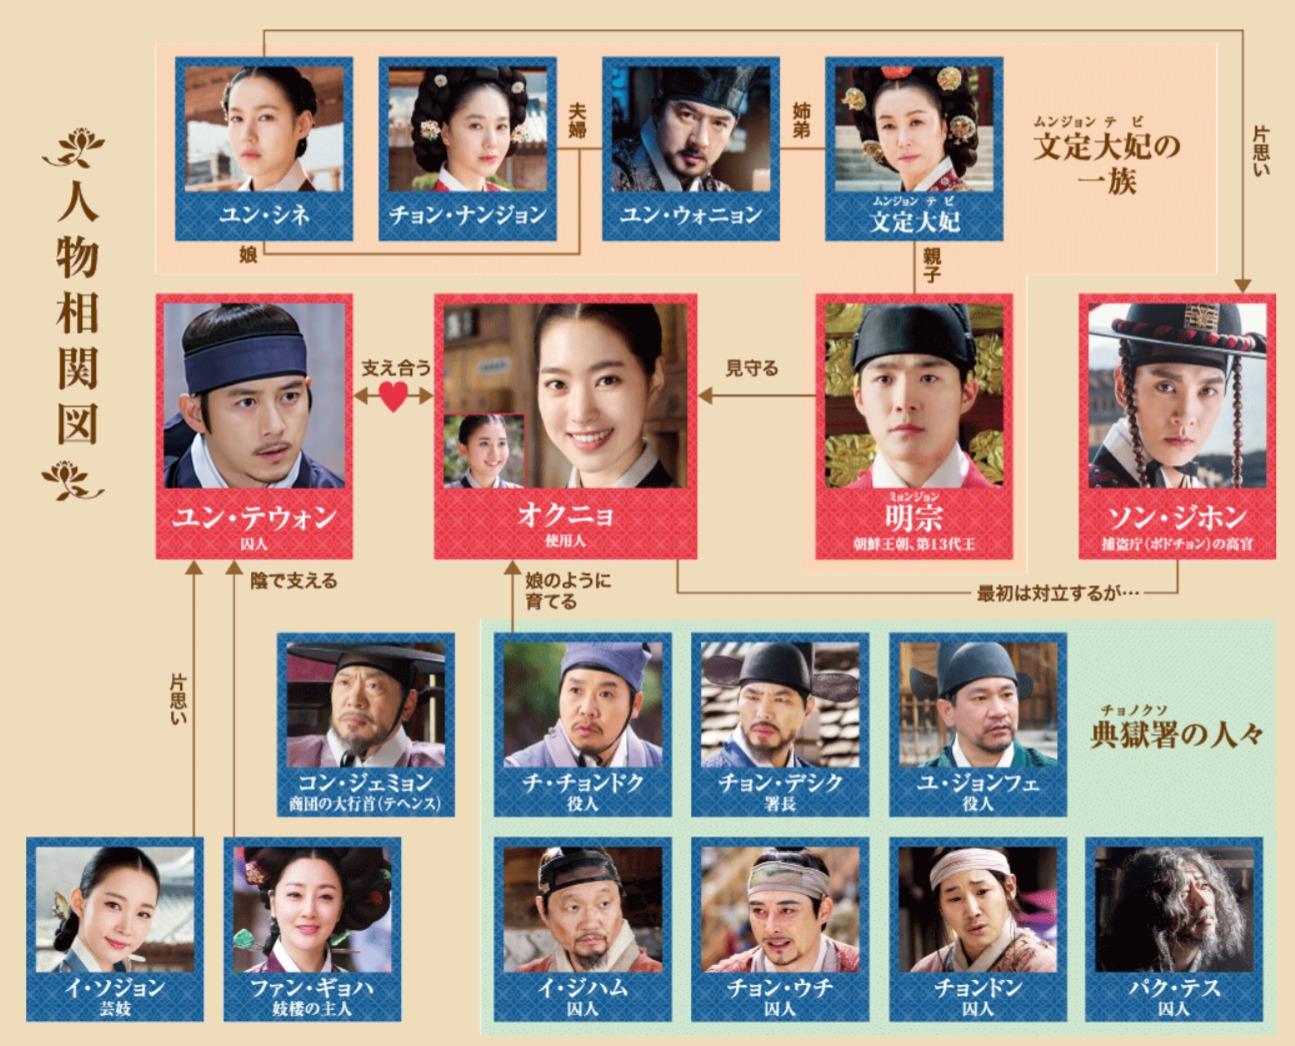 韓国ドラマ『オクニョ 運命の女』登場人物相関図(関係図)